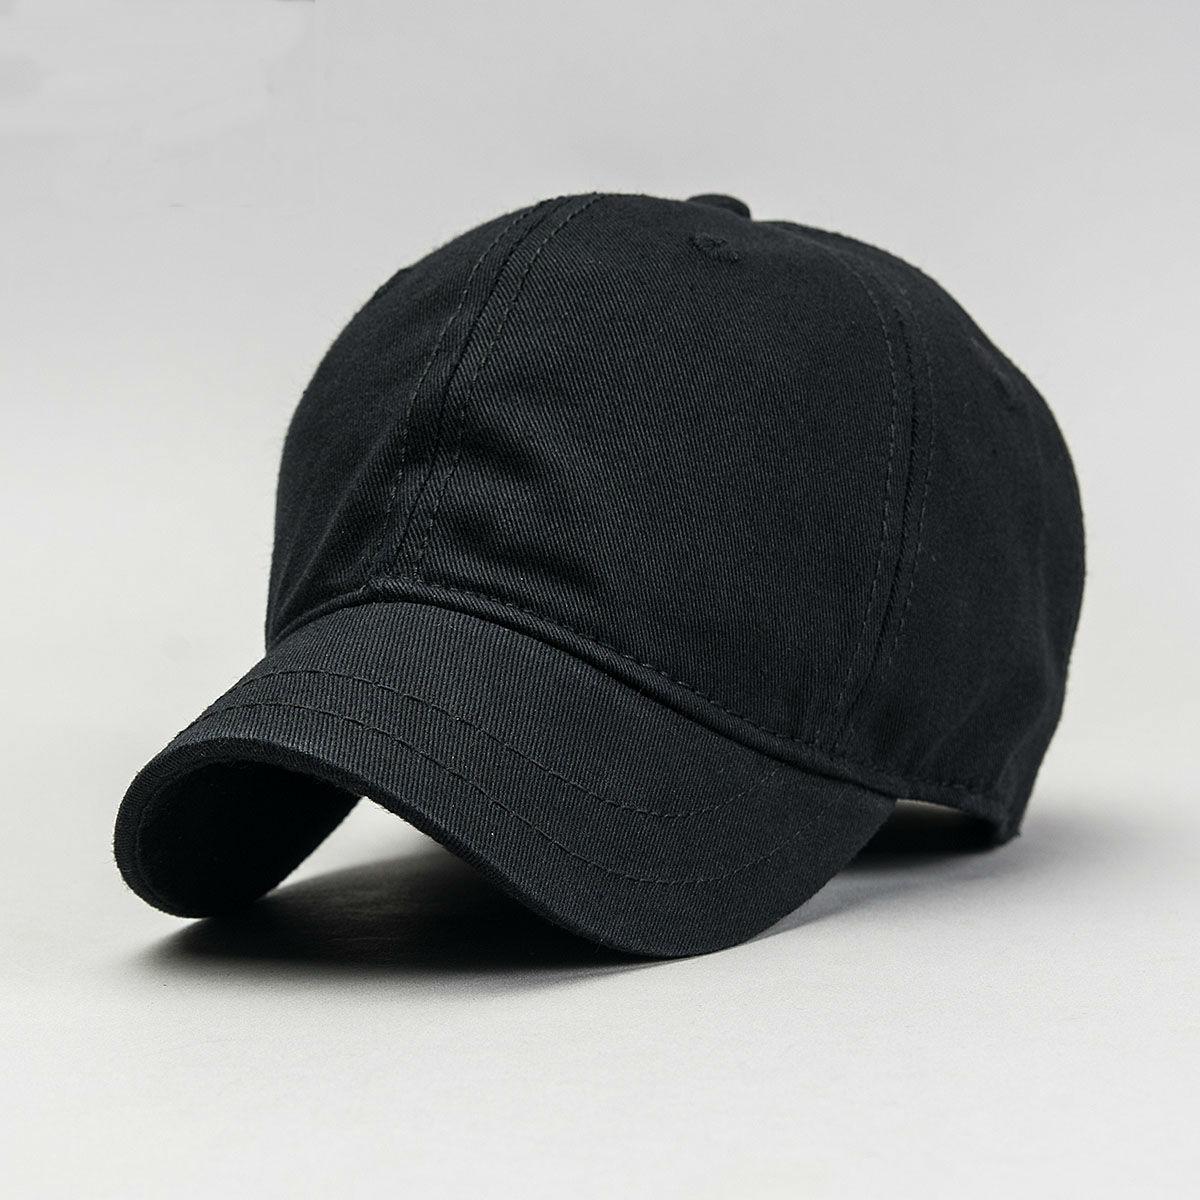 Beckyruiwu 2018 Top Qualität Großen Kopf Mann Hut Männlichen - Bekleidungszubehör - Foto 1